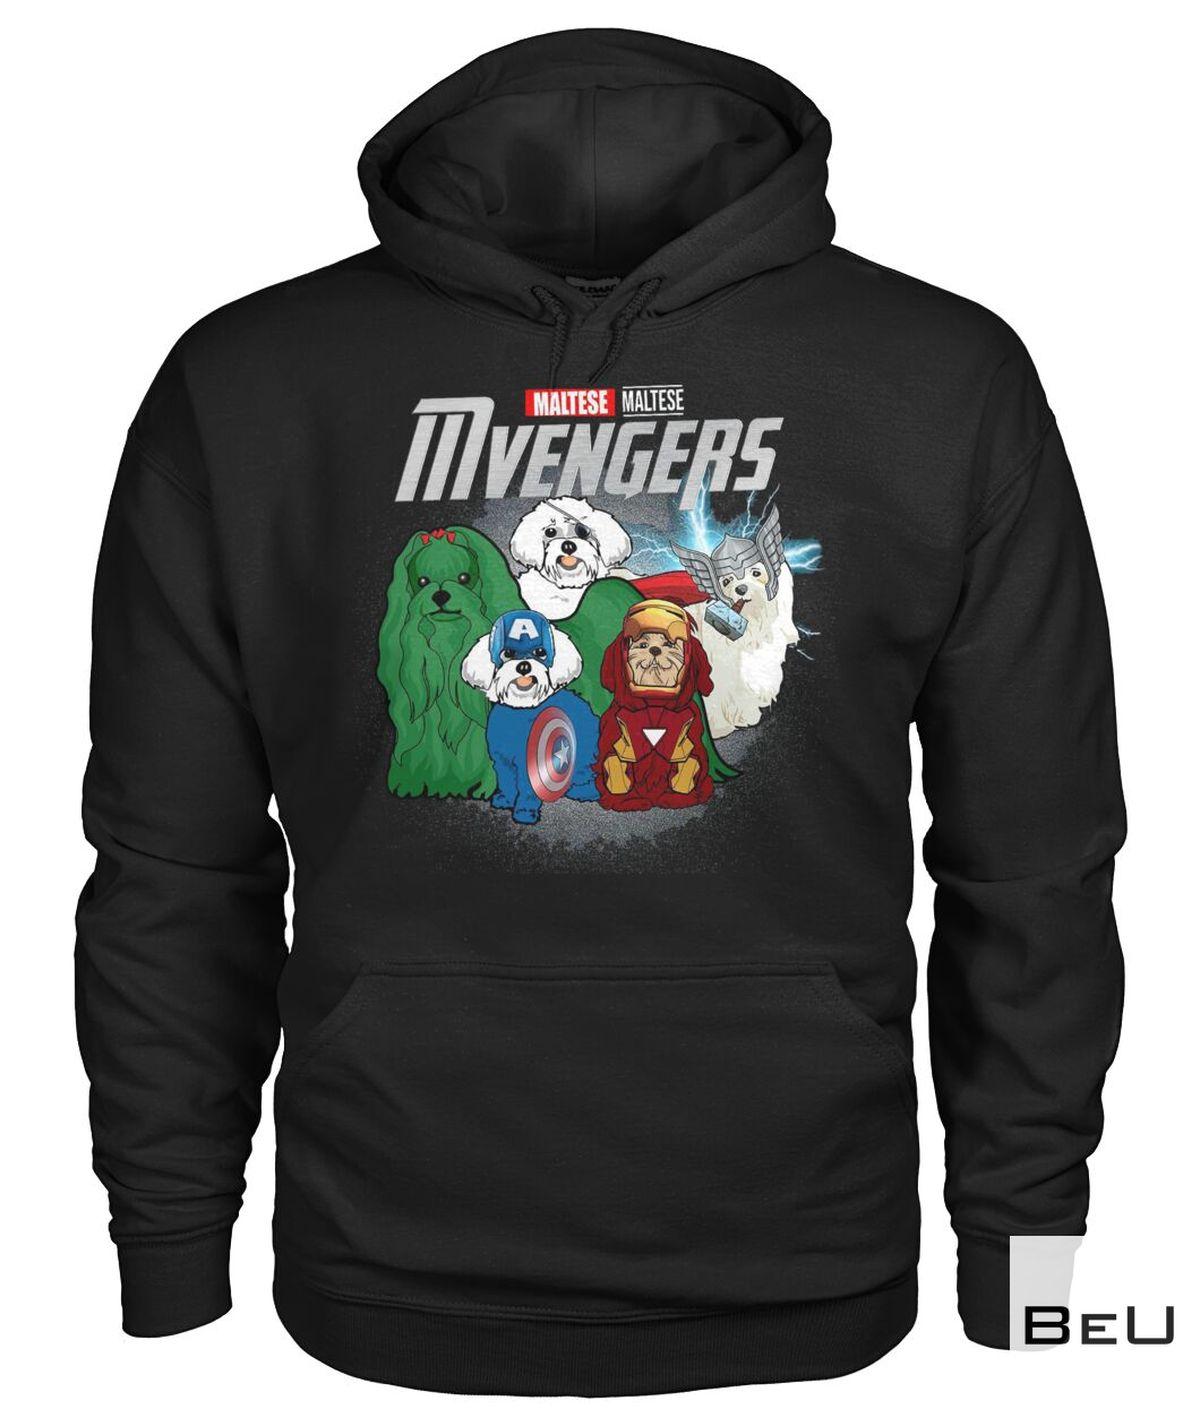 Maltese Mvengers Avengers Shirtz